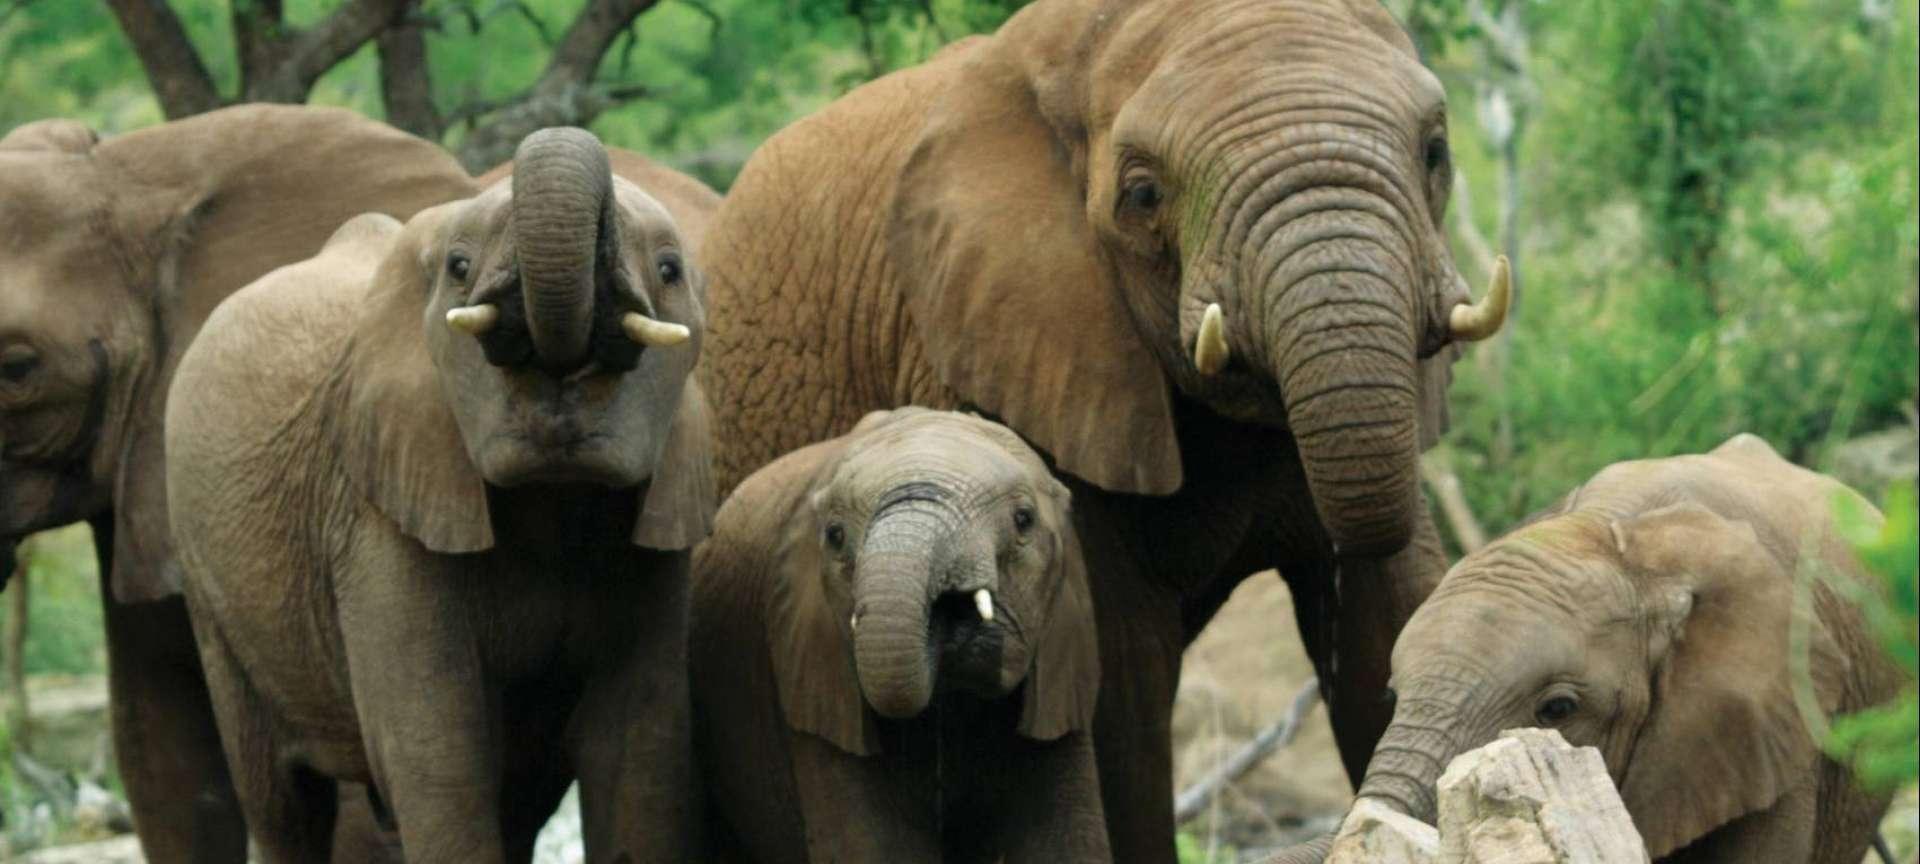 Malaria-free safaris in Africa - Africa Wildlife Safaris